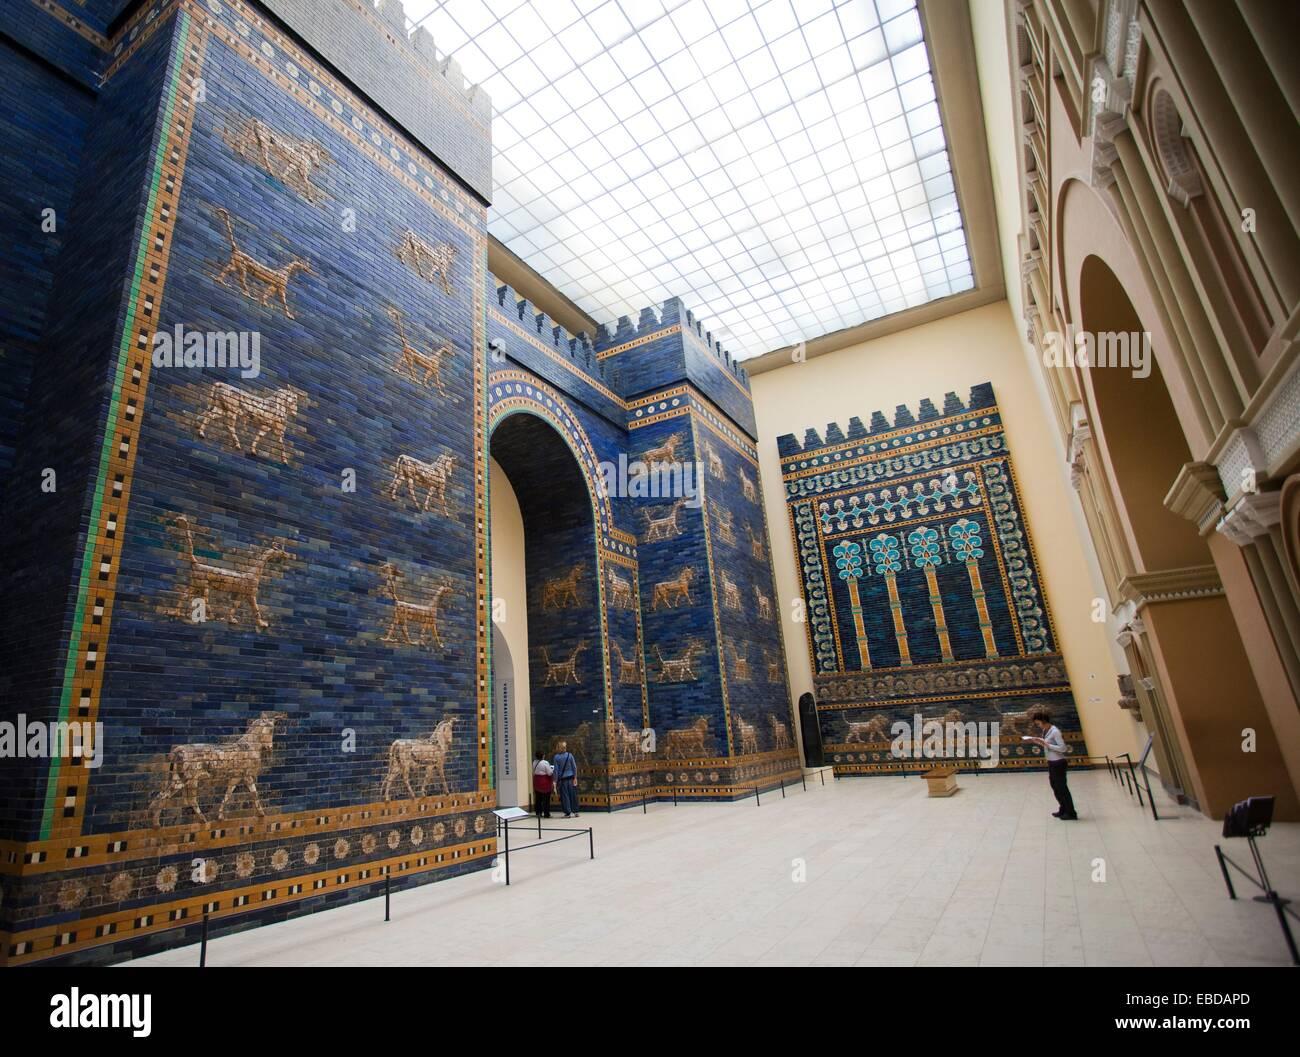 Ischtar Tor Von Babylon Pergamonmuseum Museumsinsel Berlin Deutschland Europa Stockfotografie Alamy